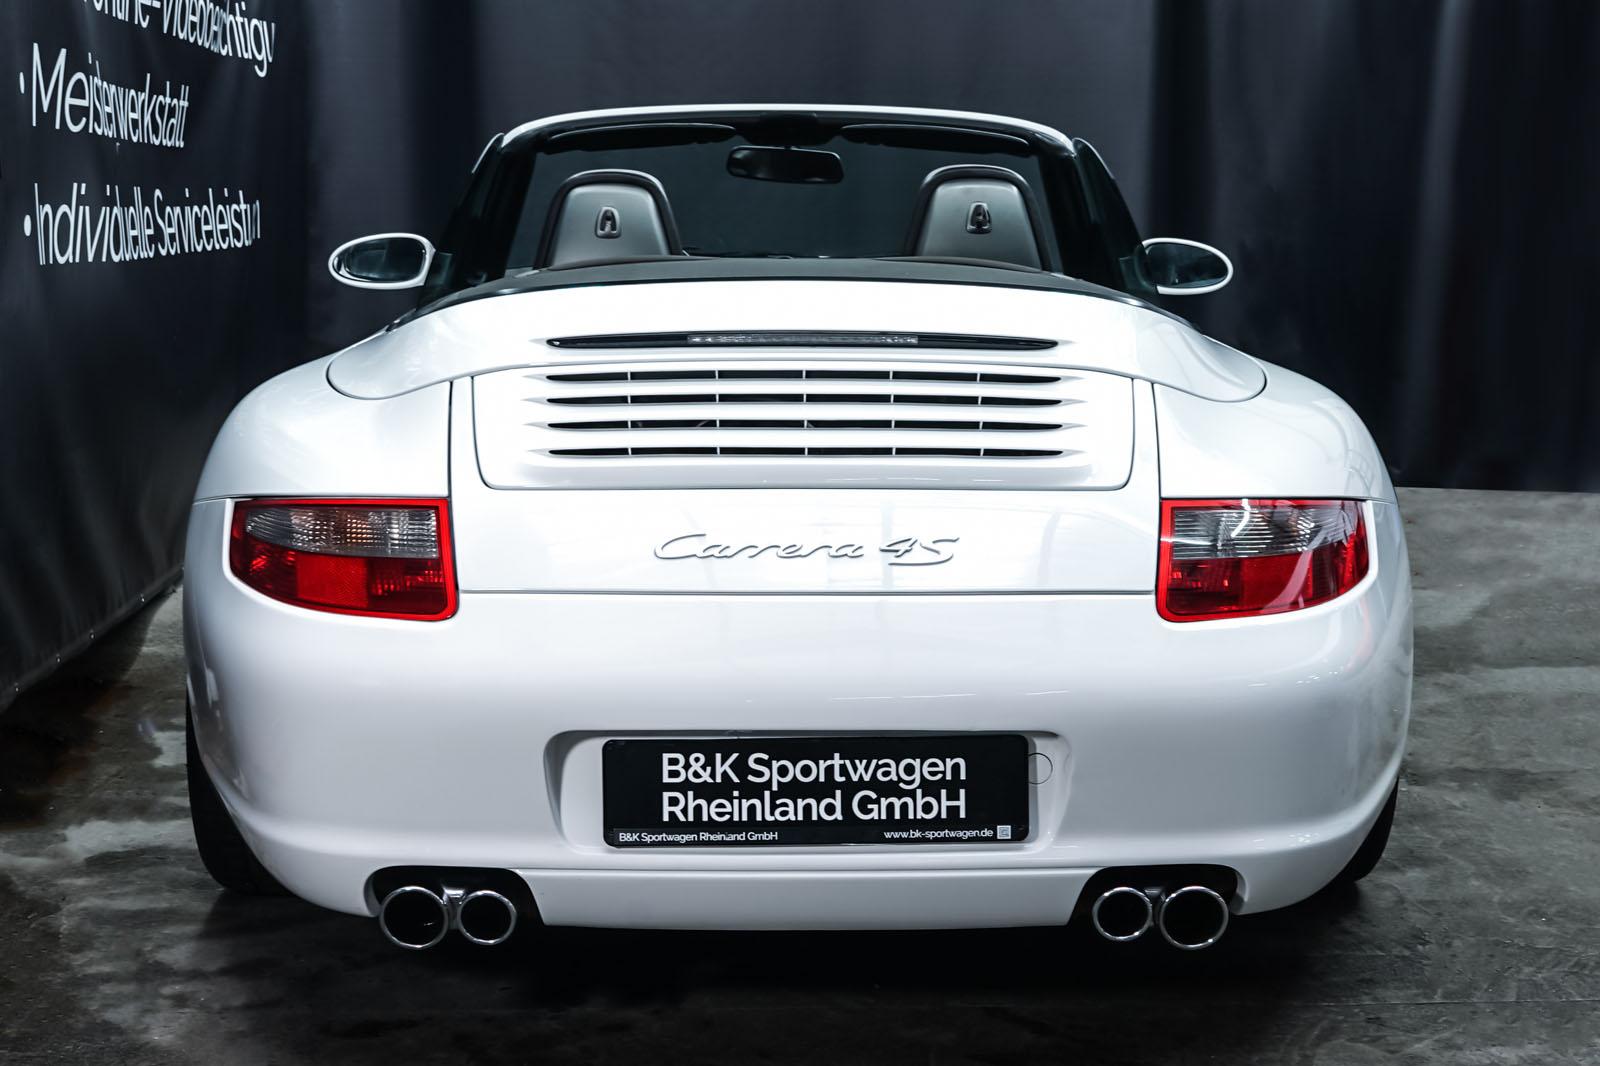 Porsche_997_C4S_Cabrio_Weiß_Braun_POR-4557_18_w